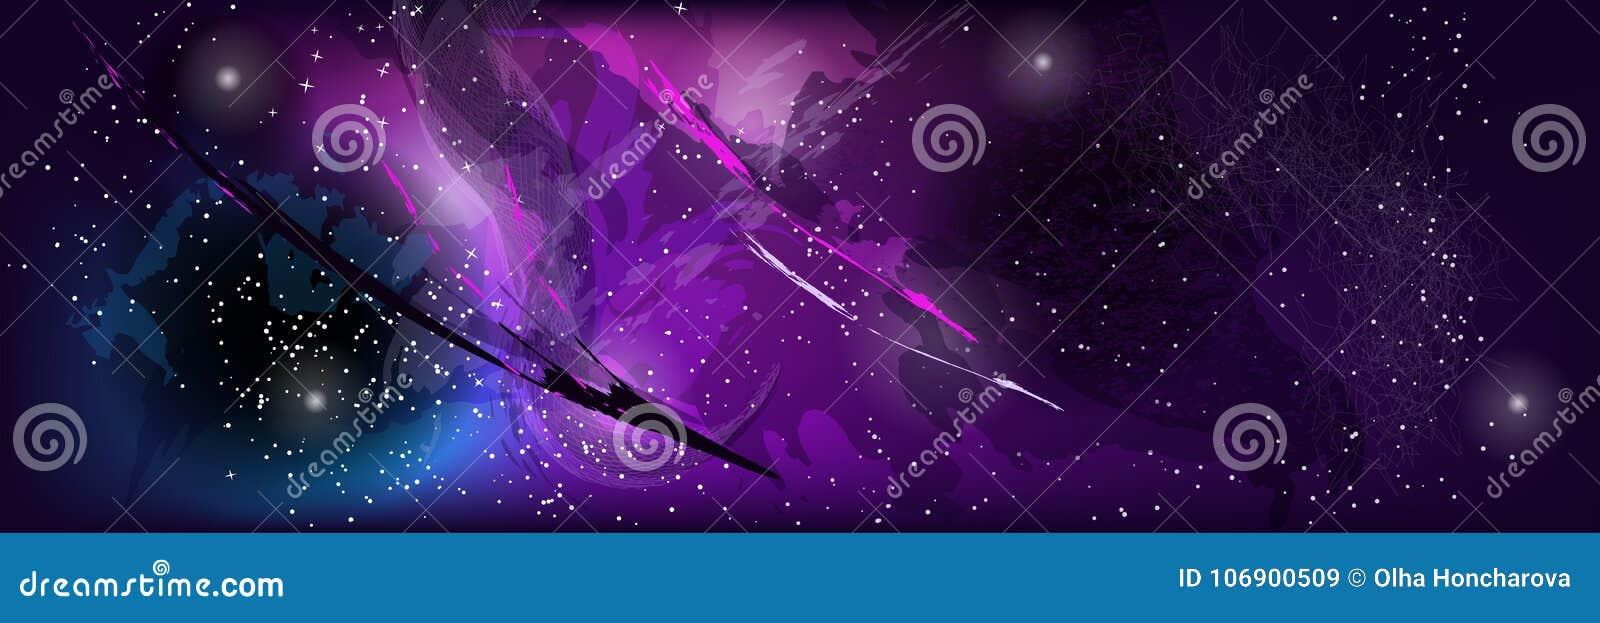 Abstrakcjonistyczny szablon kosmos z gwiazdami, kometami i stubarwnymi punktami,